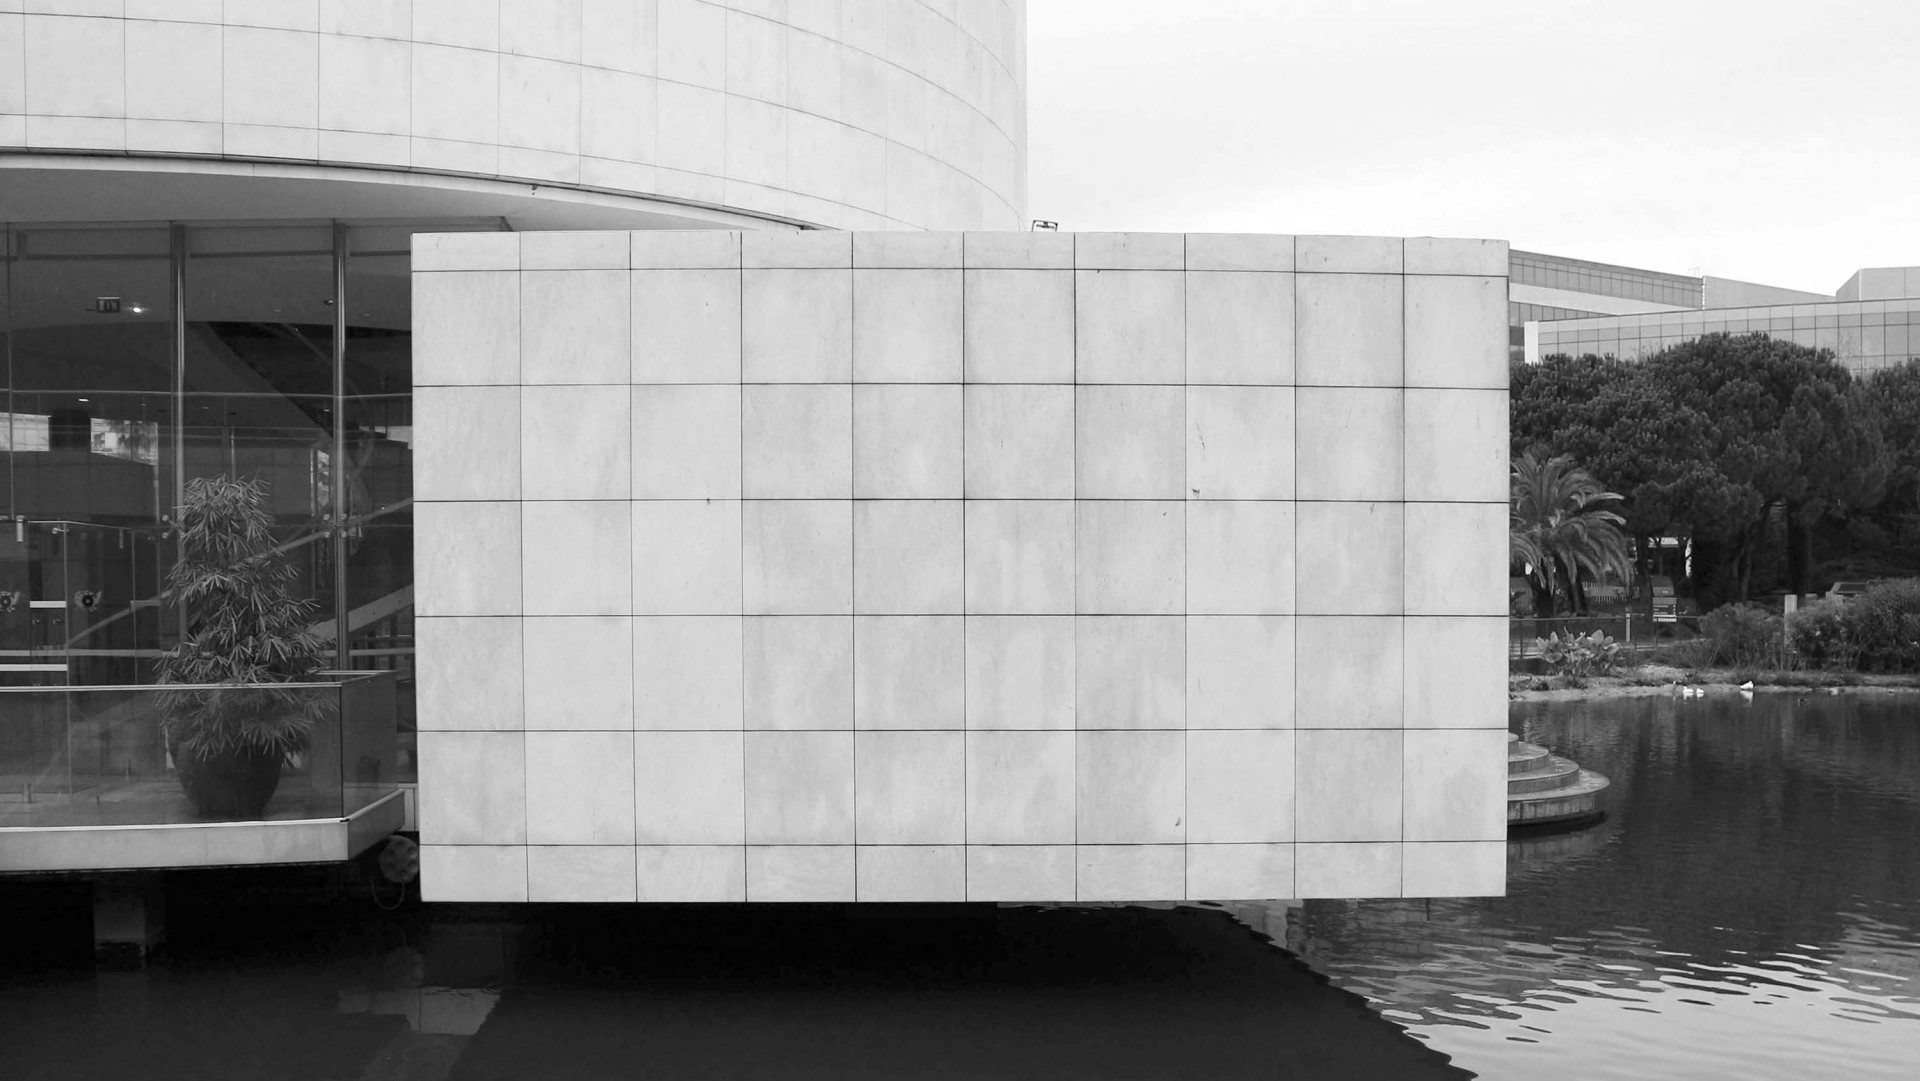 Schwerelosigkeit. Die Ausstellungsräume scheinen über dem Wasser zu schweben